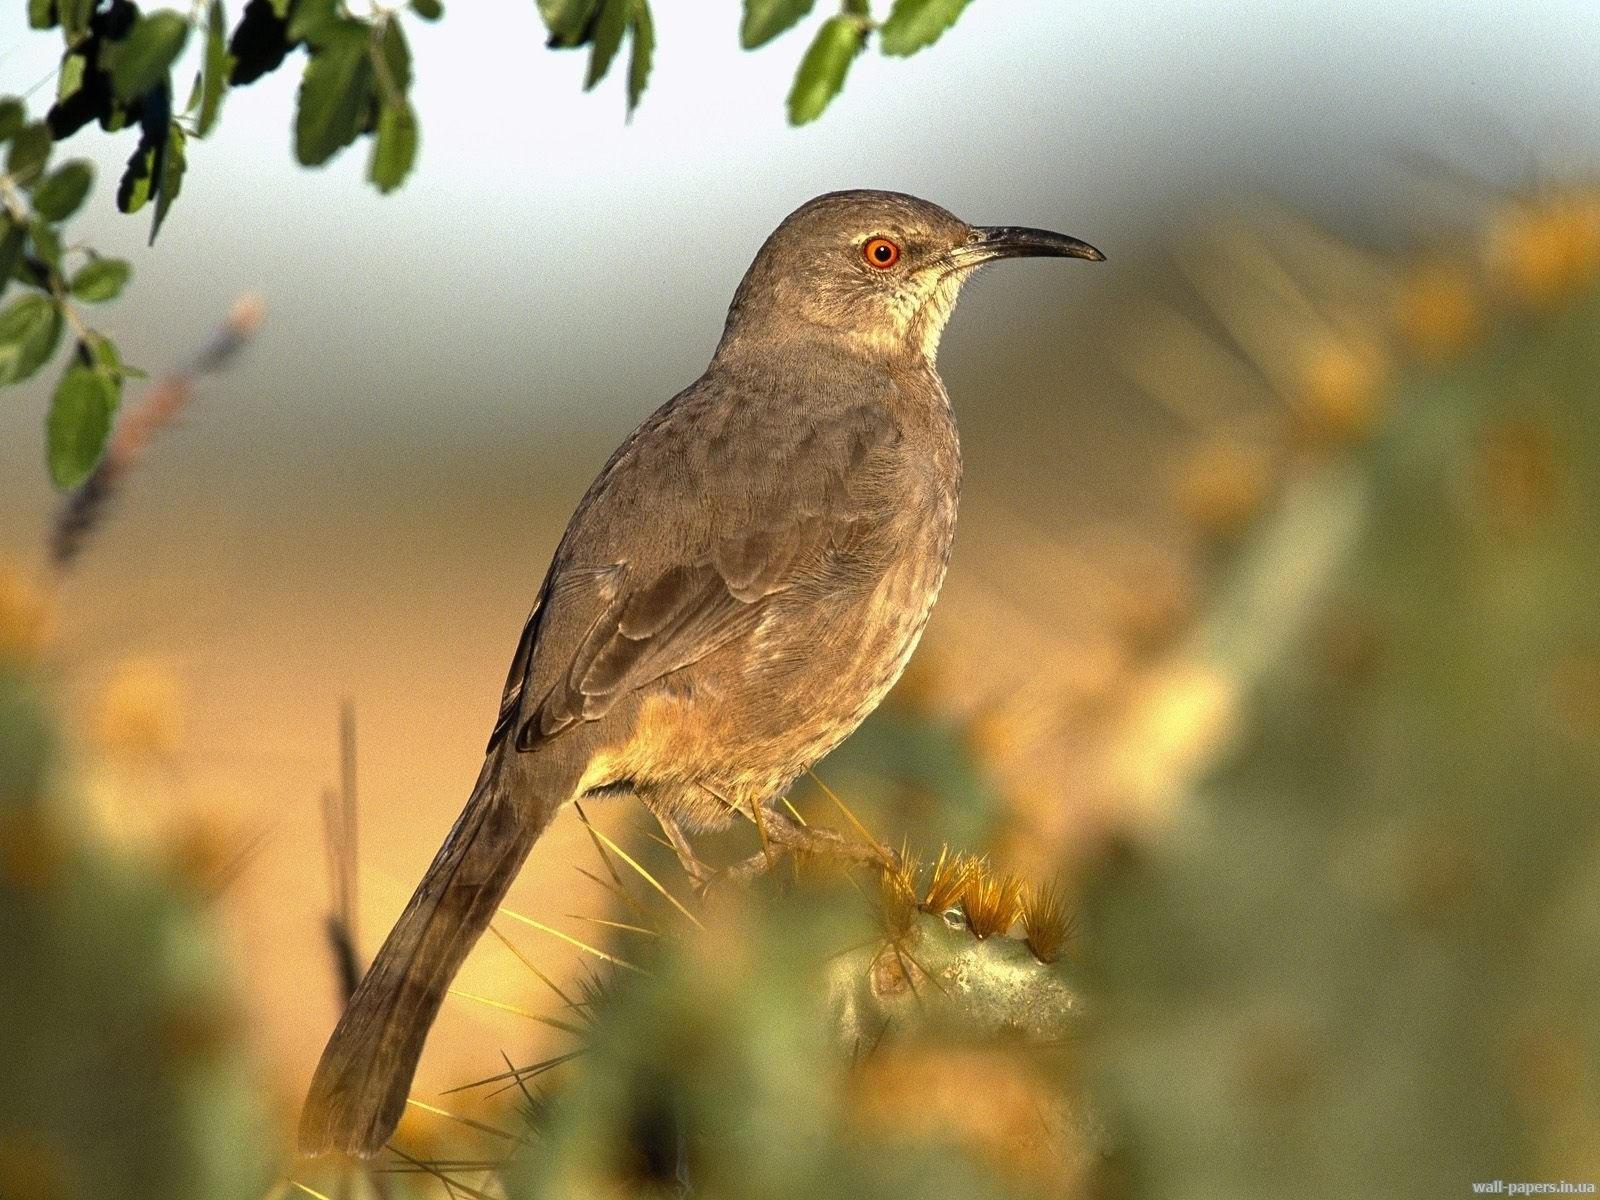 Серая птица на кактусе